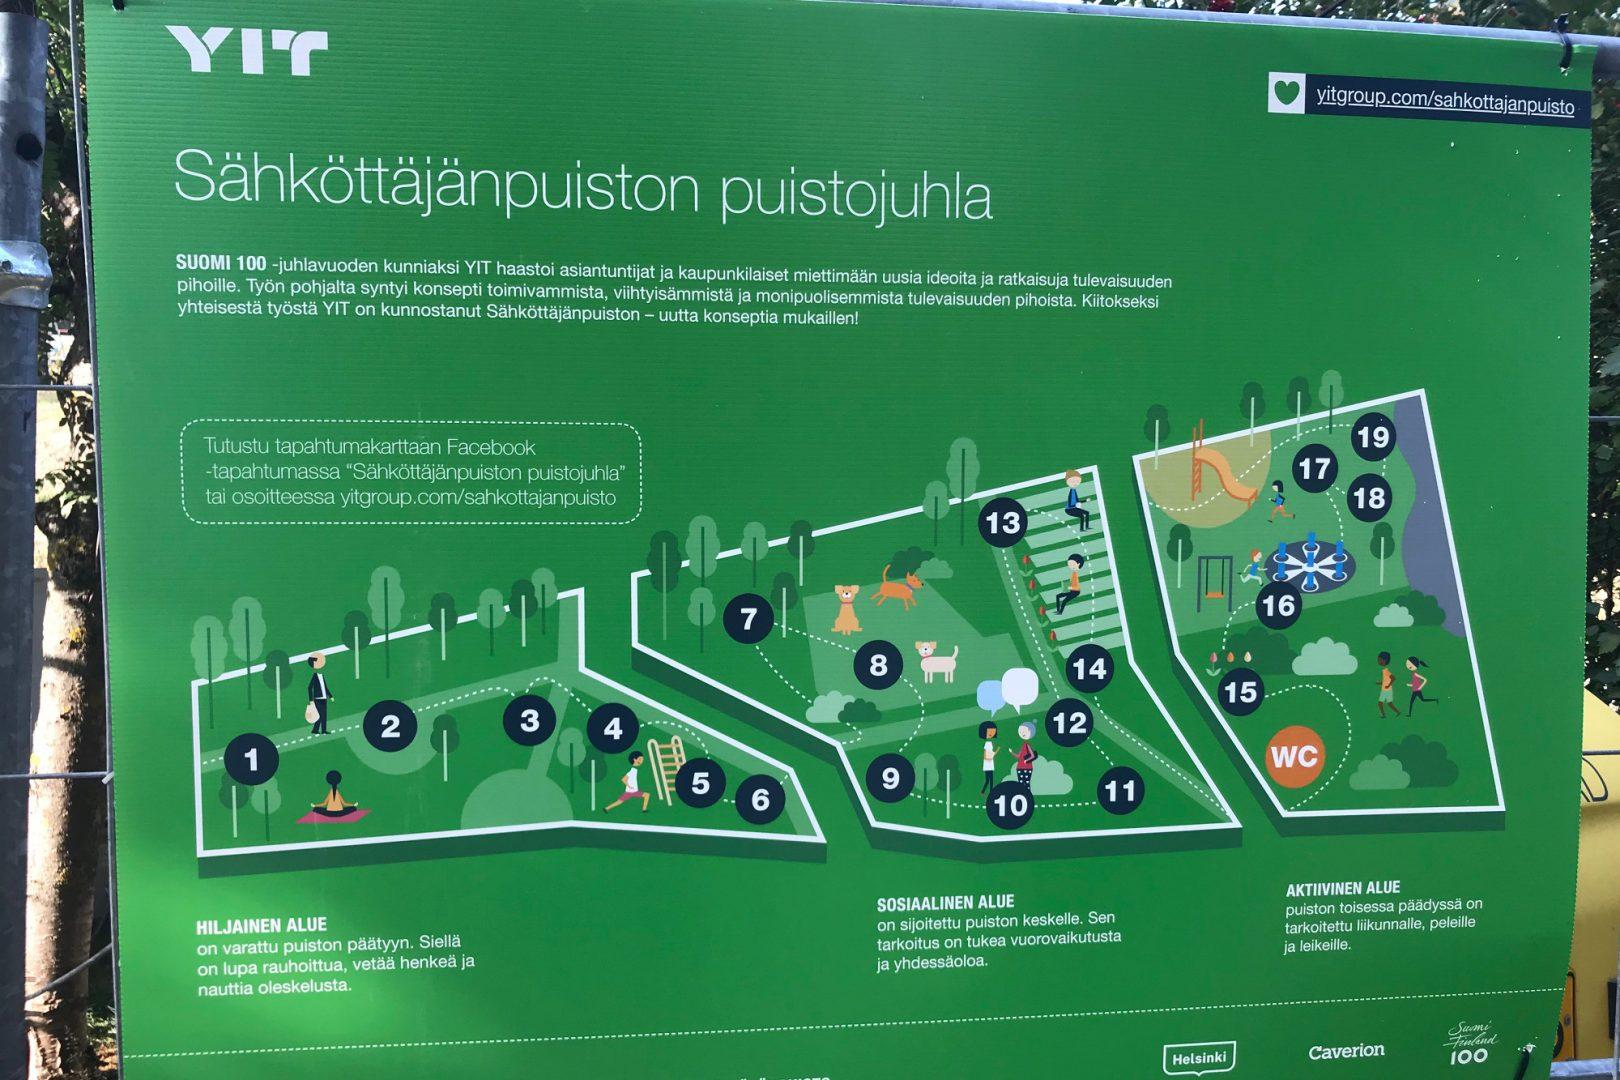 Kekkilä kohde-esittely Pasila Sähköttäjänpuisto